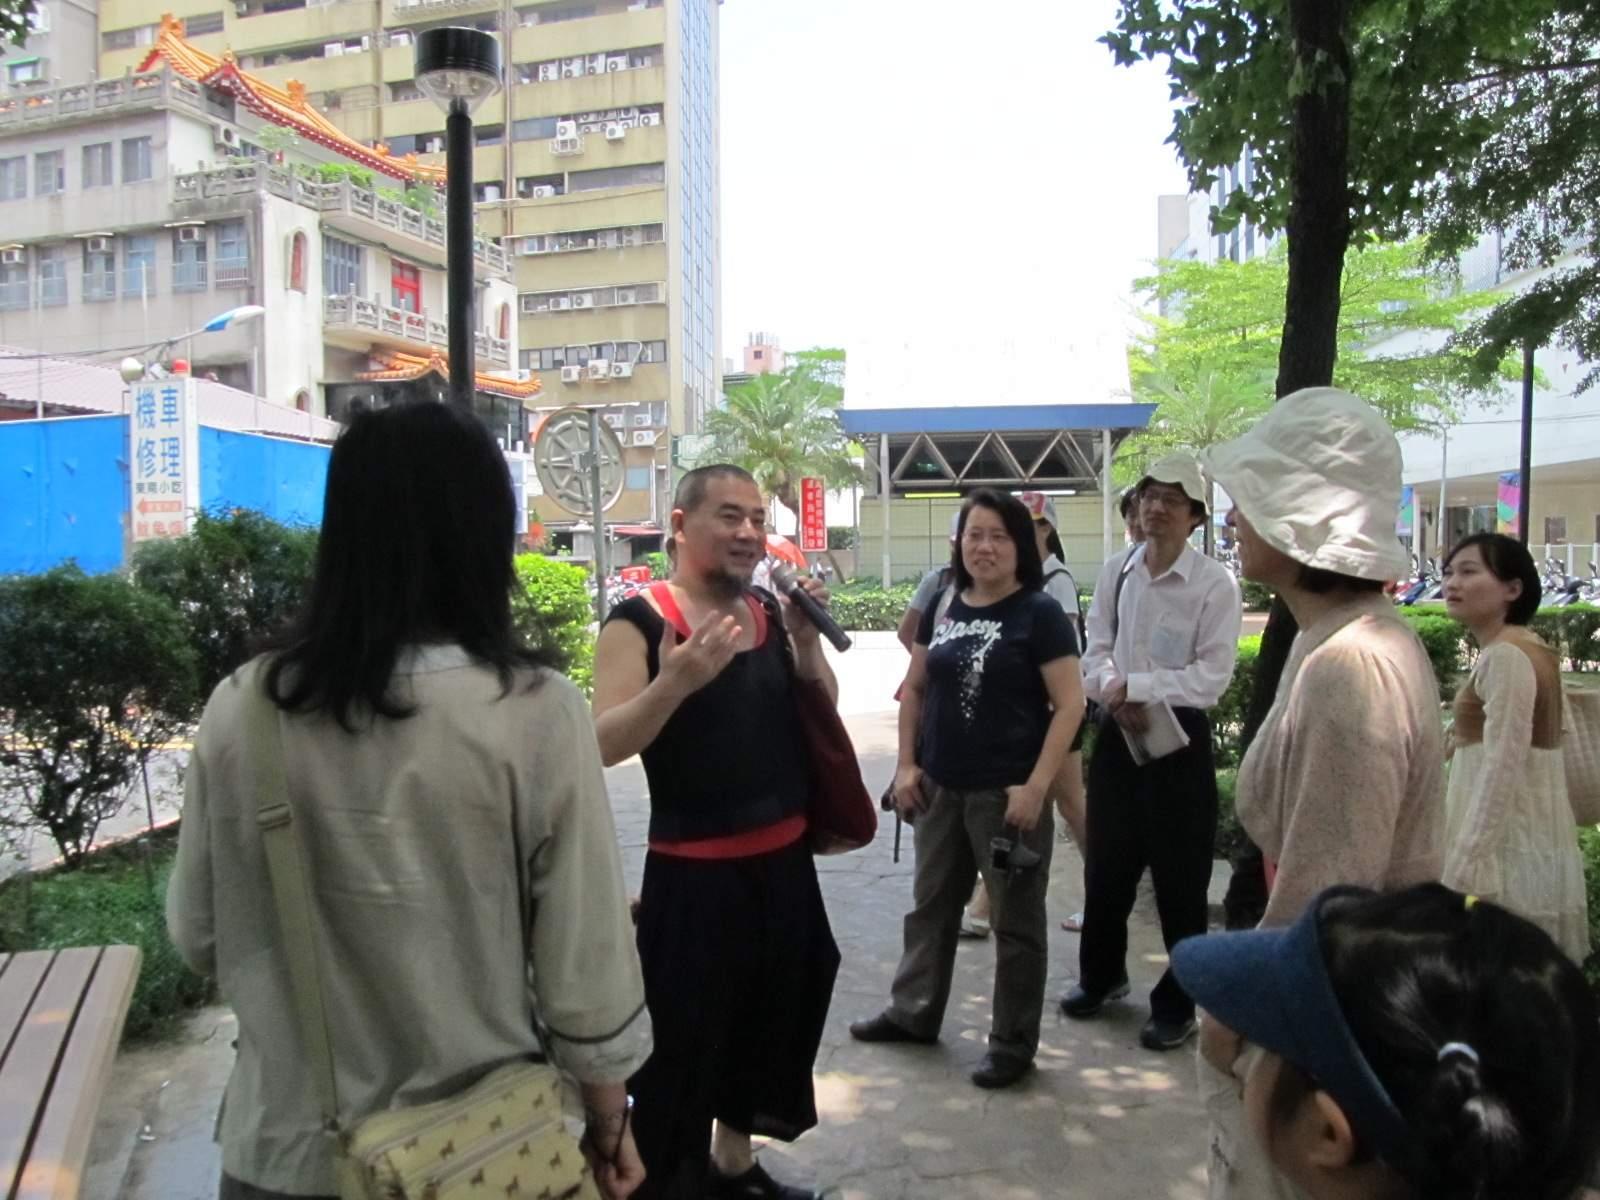 圖表:「當代藝術電影舞蹈和古蹟」線,顏忠賢老師講解中山捷運站周邊之公共藝術。